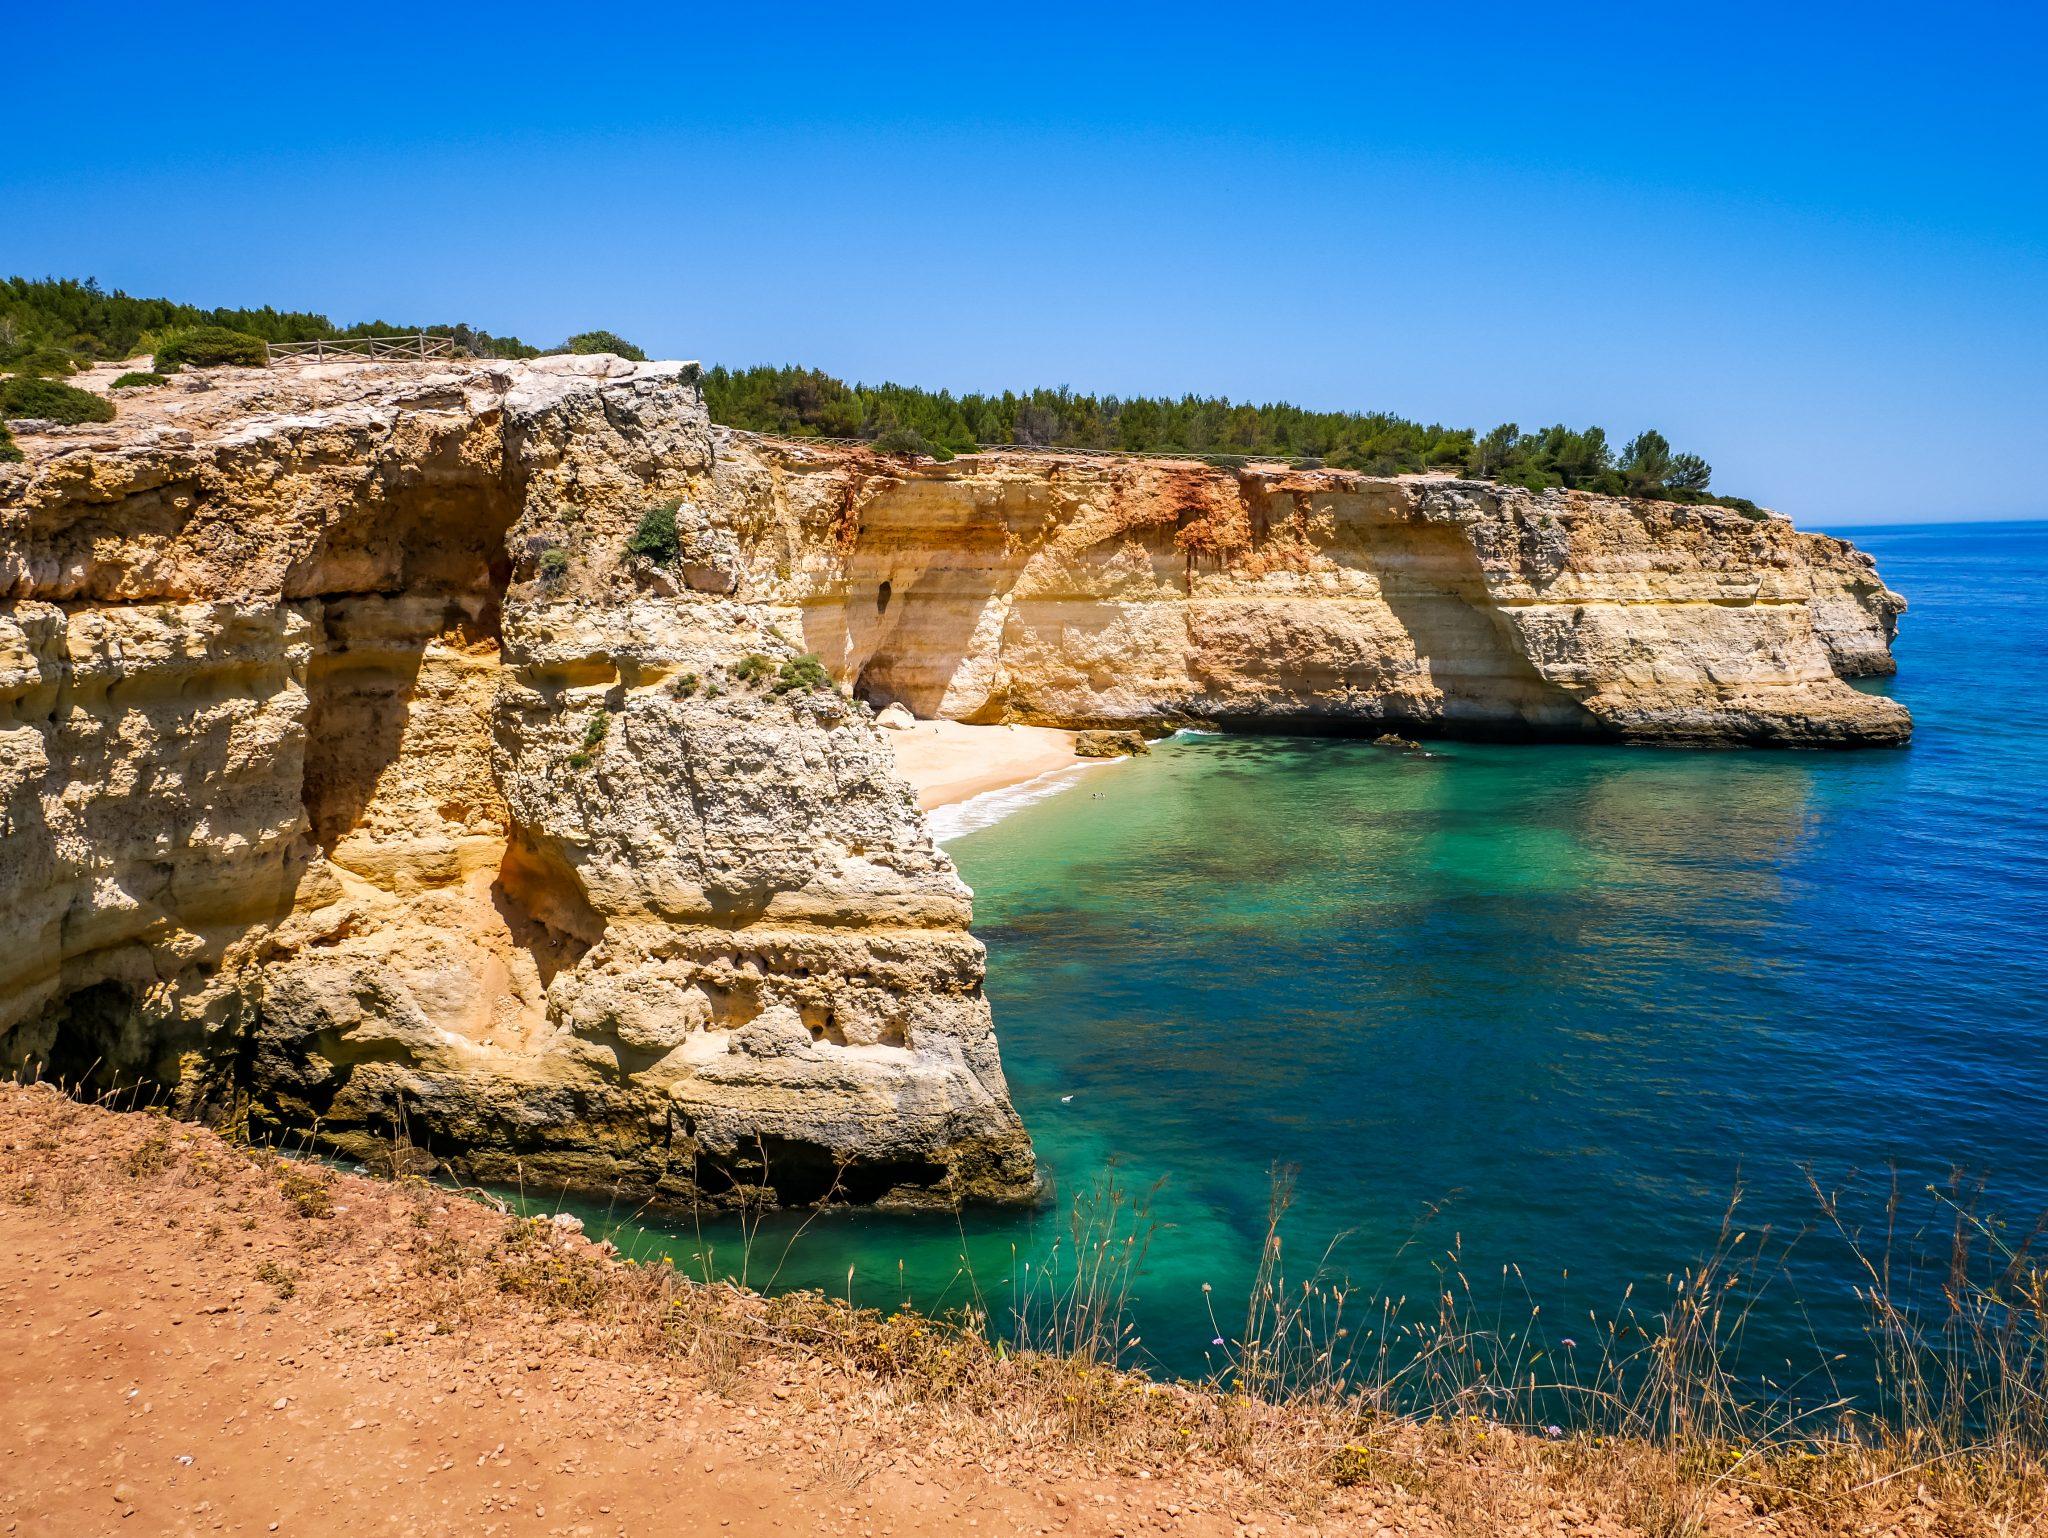 Die Klippen an der Algarve Küste sind einmalig!